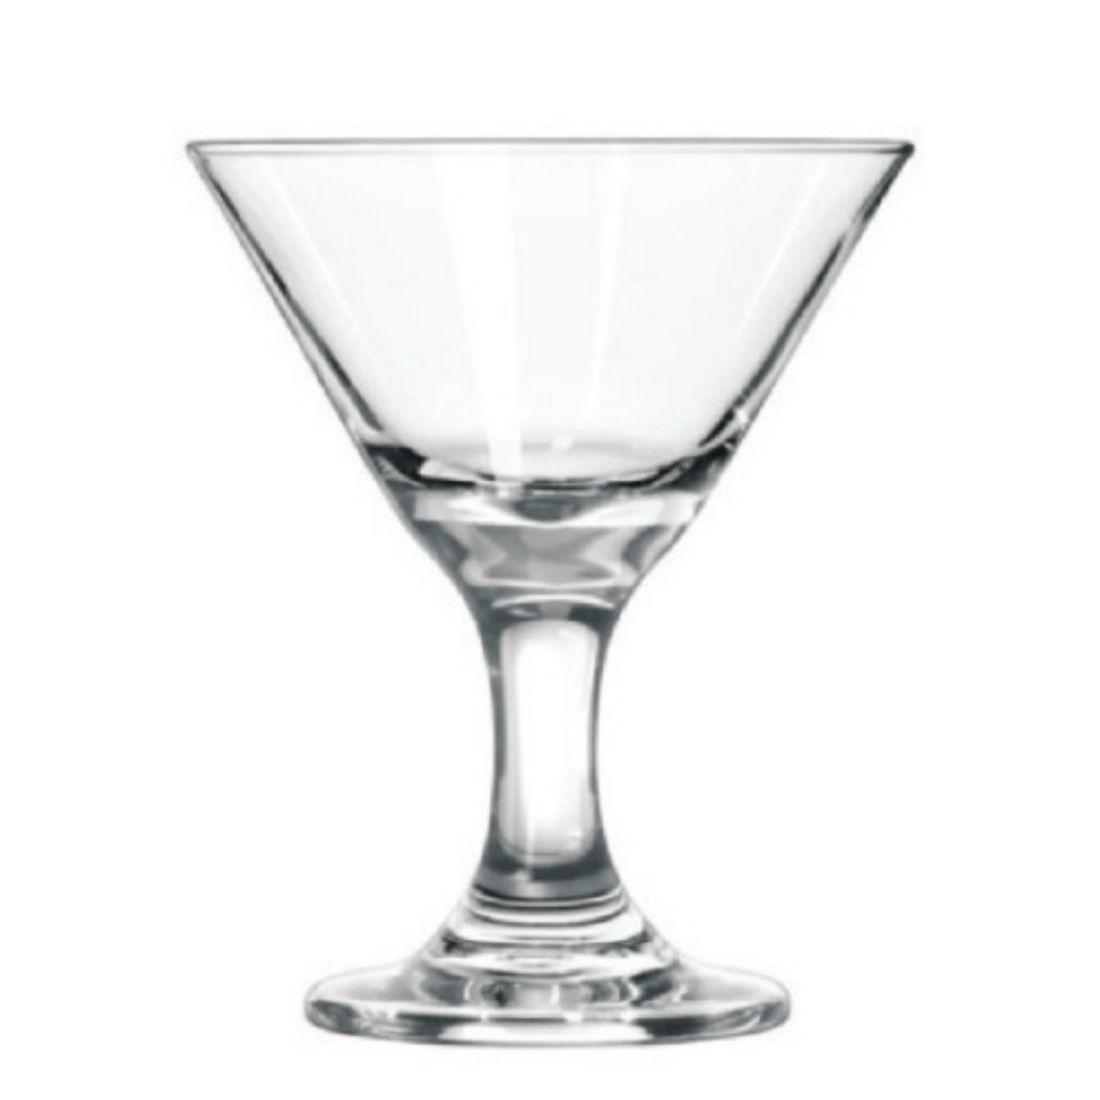 Embassy sklenička na martini 9 cl